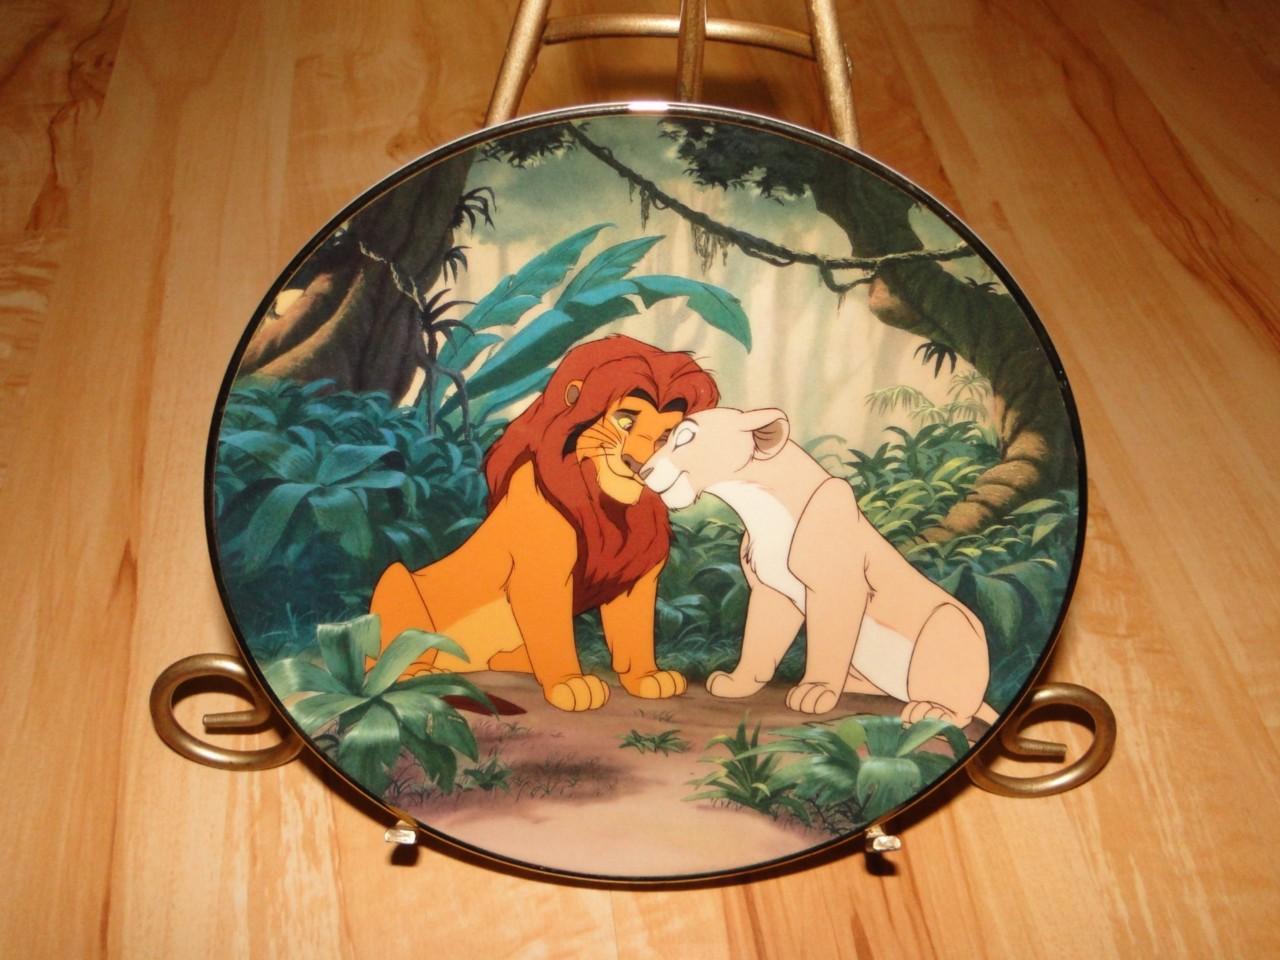 the lion king bradford exchange disney plate set lot. Black Bedroom Furniture Sets. Home Design Ideas